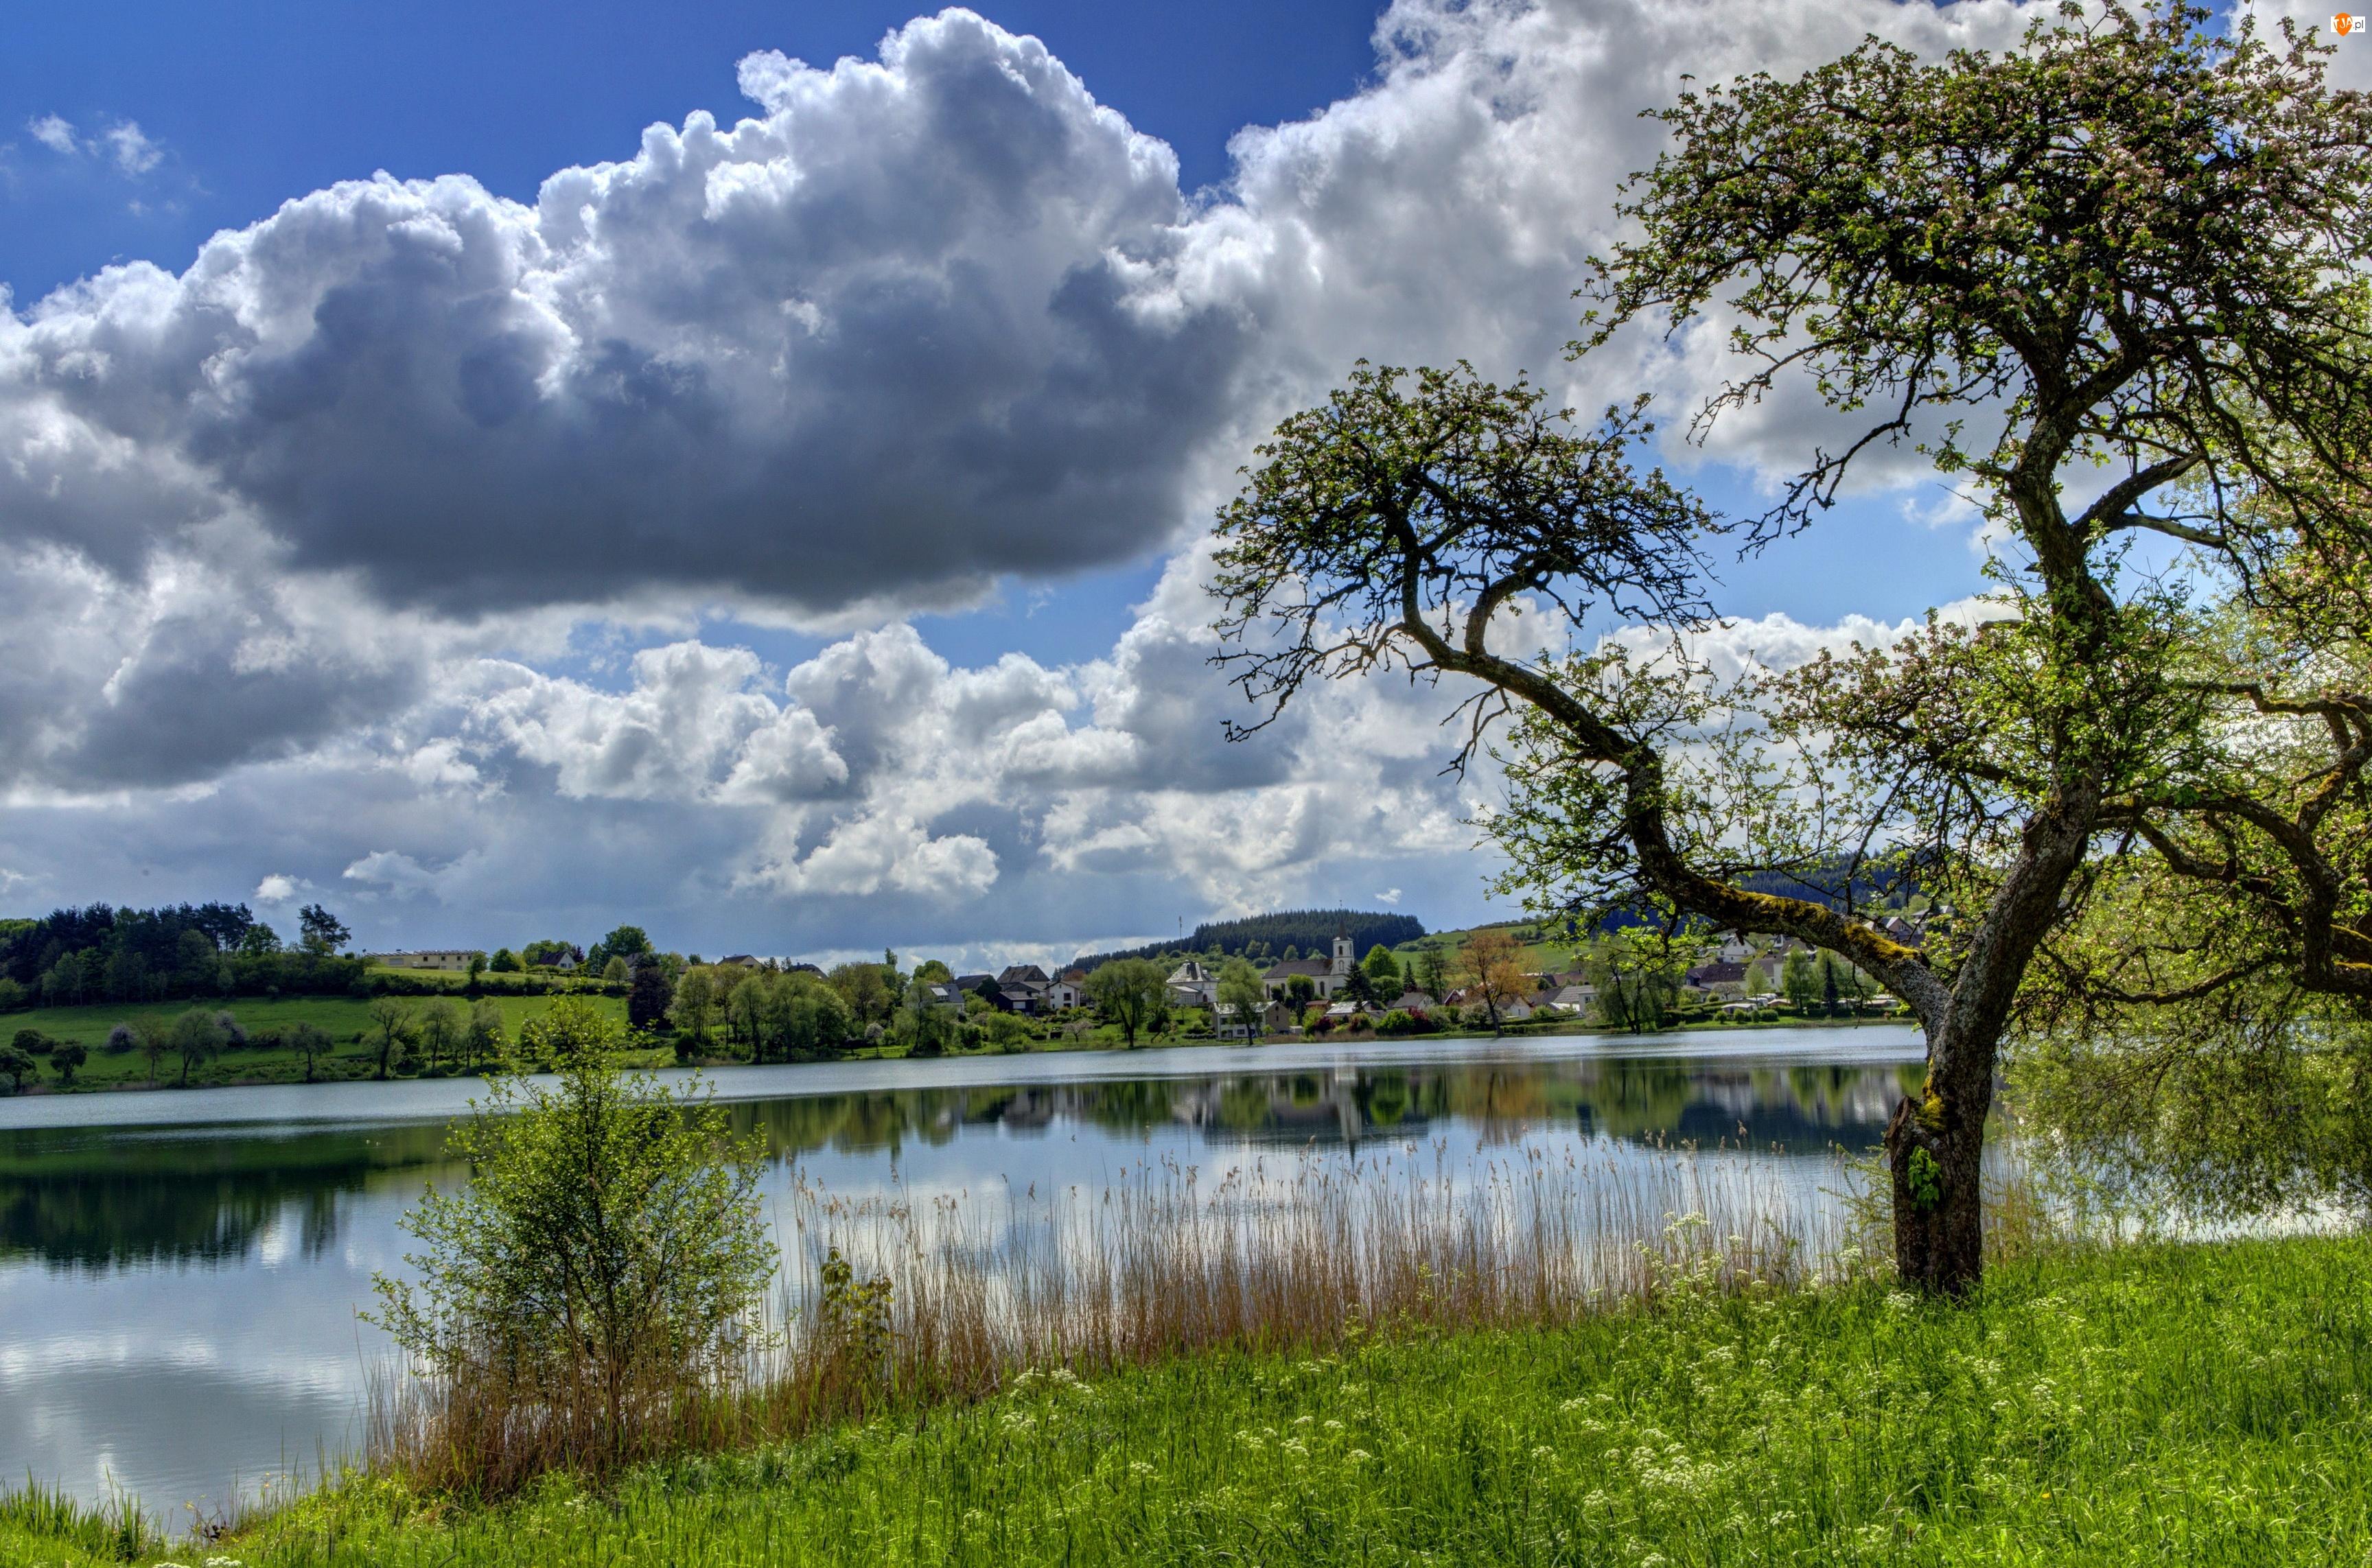 Rzeka, Trawa, Chmury, Drzewa